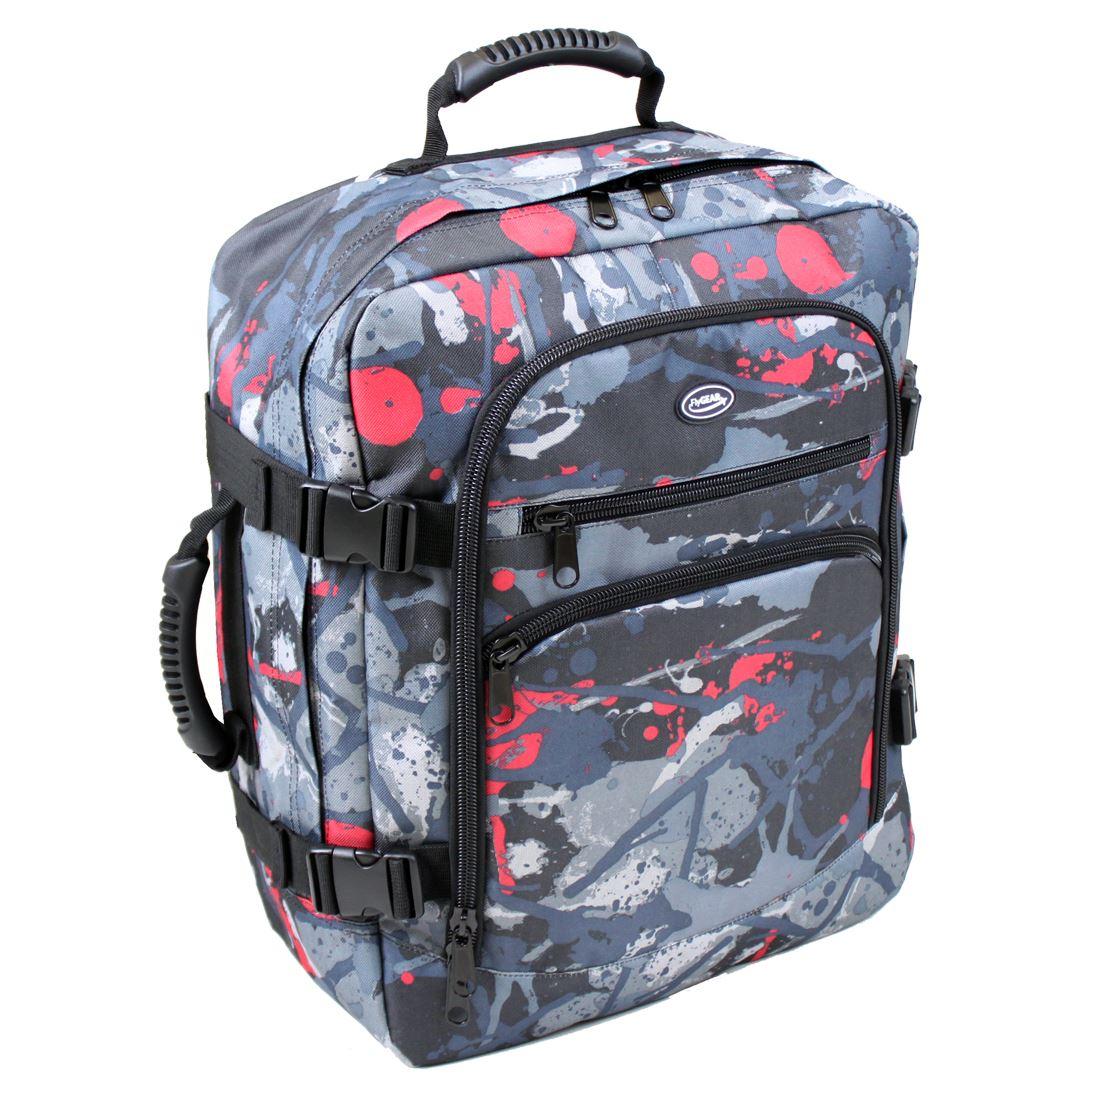 Cabin-Flight-Approved-Backpack-Hand-Luggage-Travel-Holdall-44-Litre-Bag-Rucksack